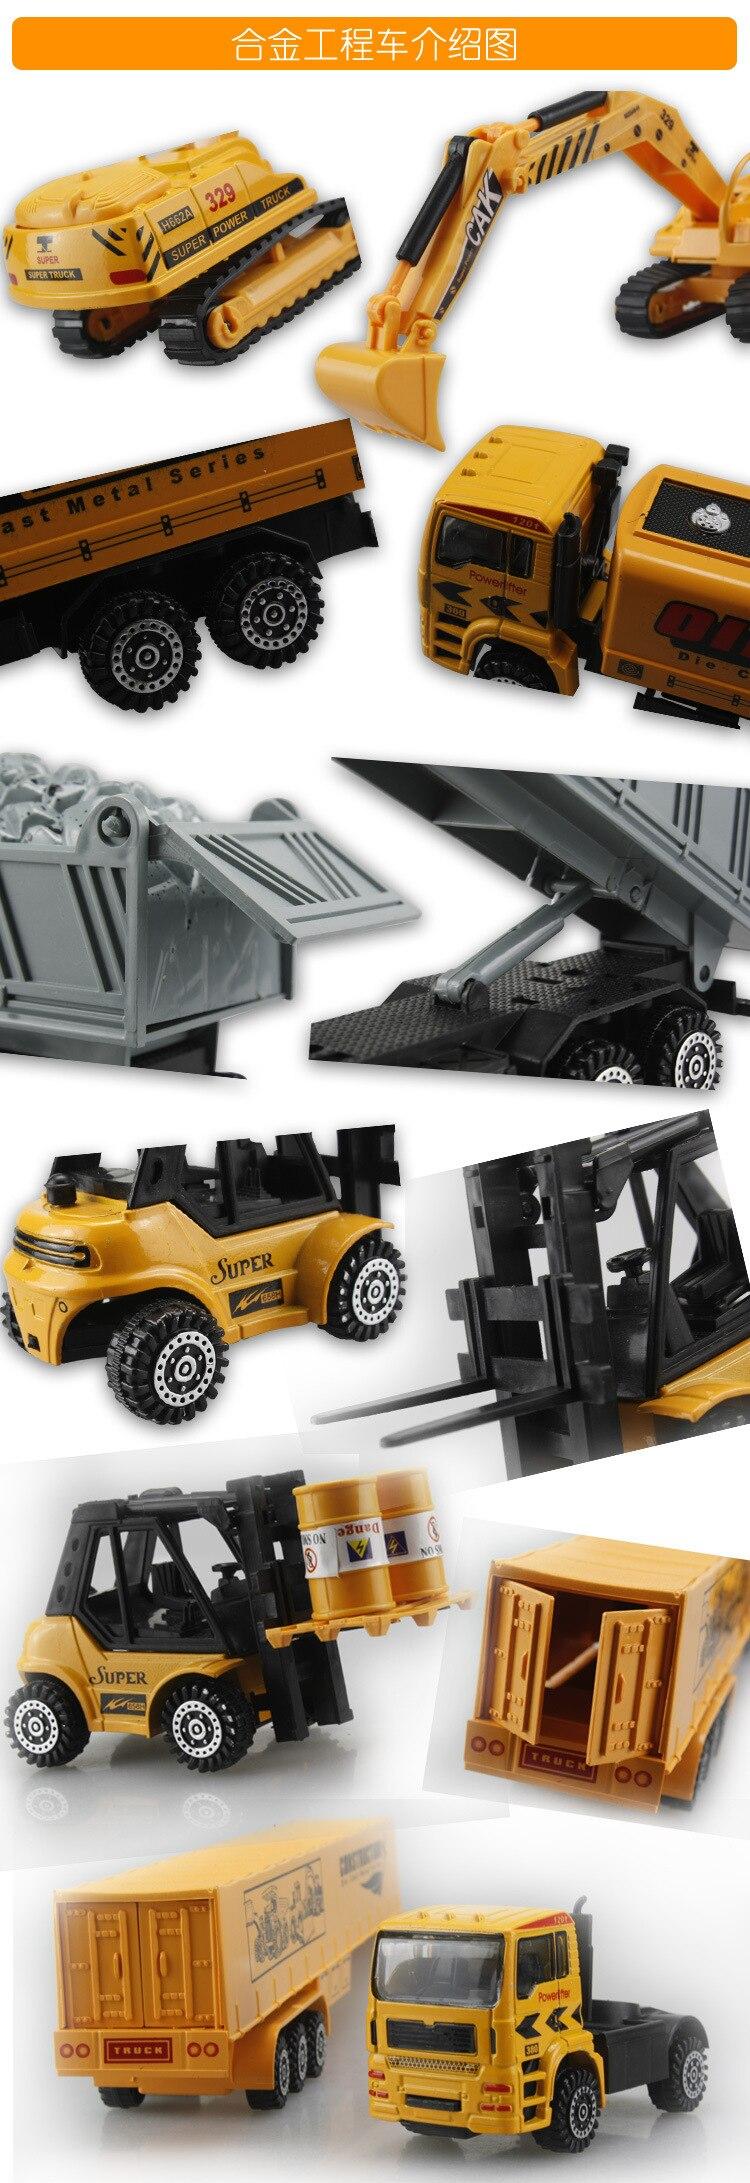 brinquedo caminhão escavadeira crianças brinquedos em caixa presente natal frete grátis